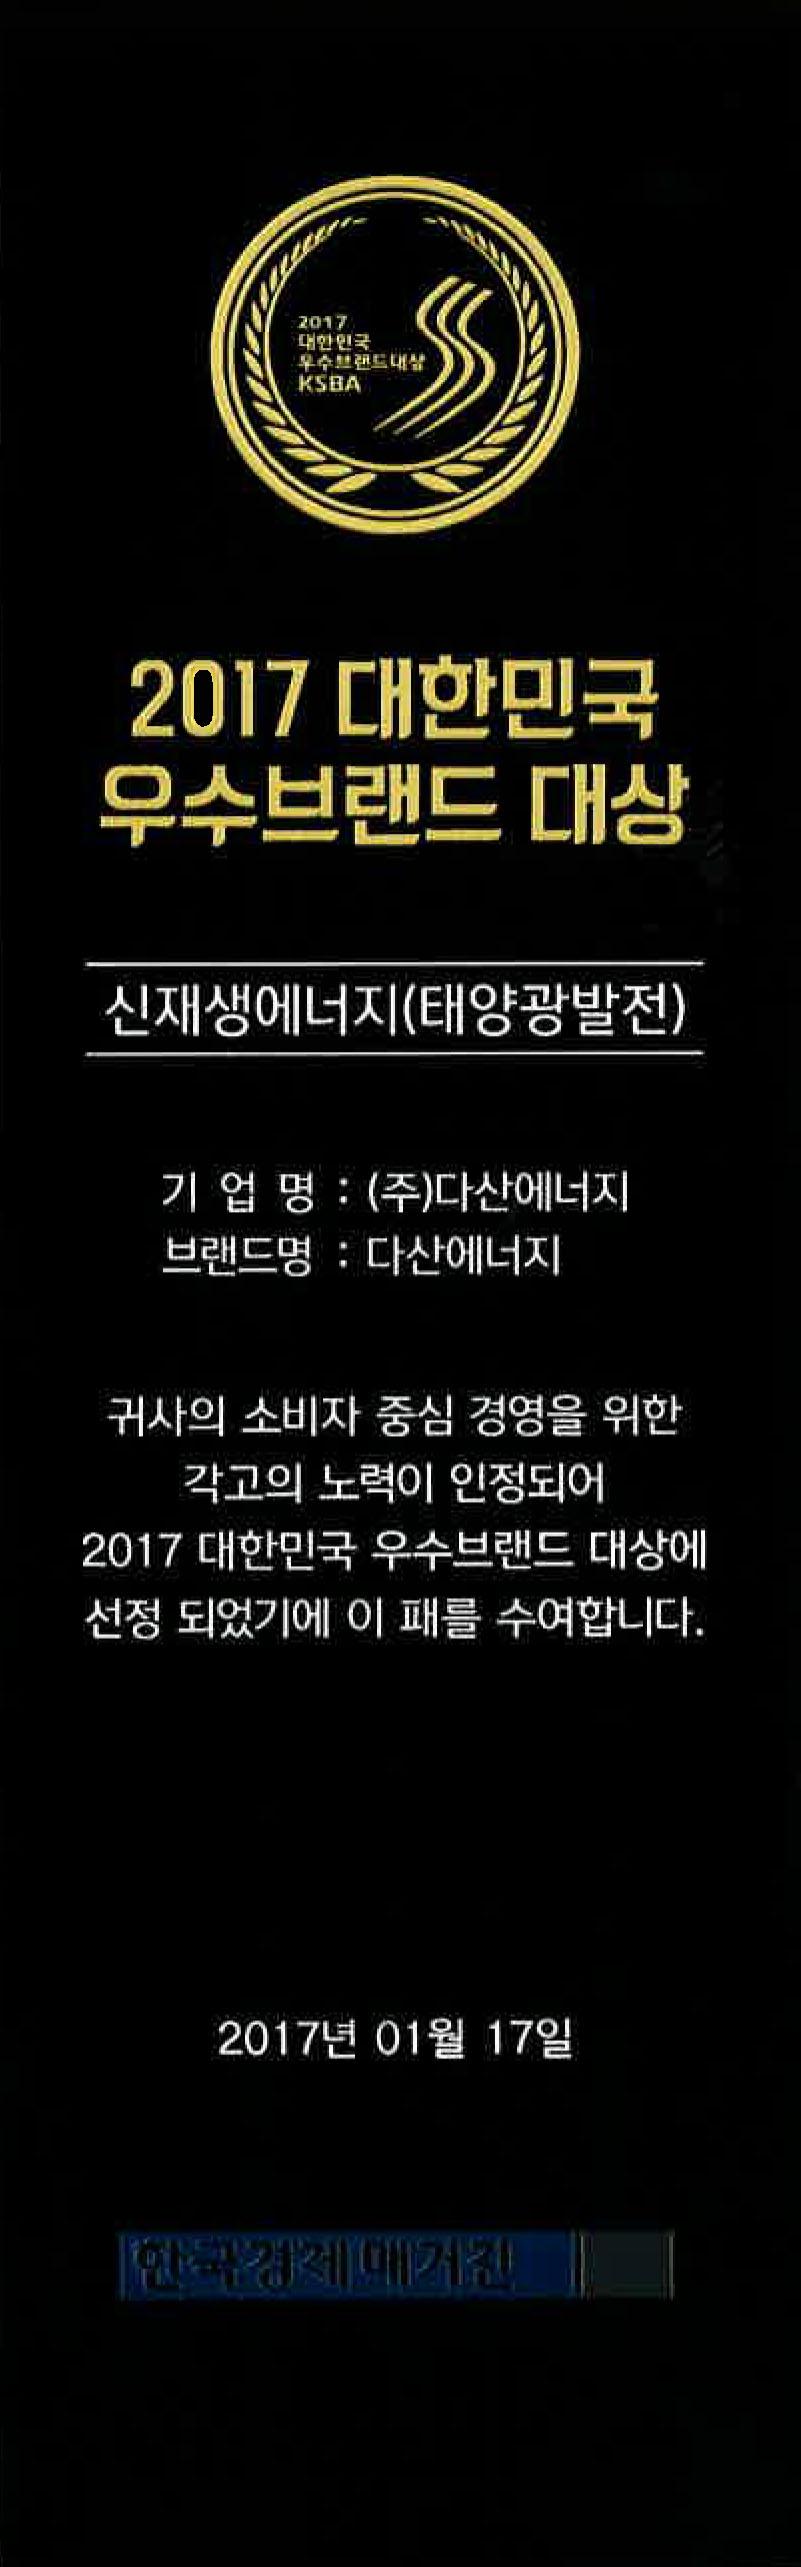 2017우수브랜드 대상.jpg